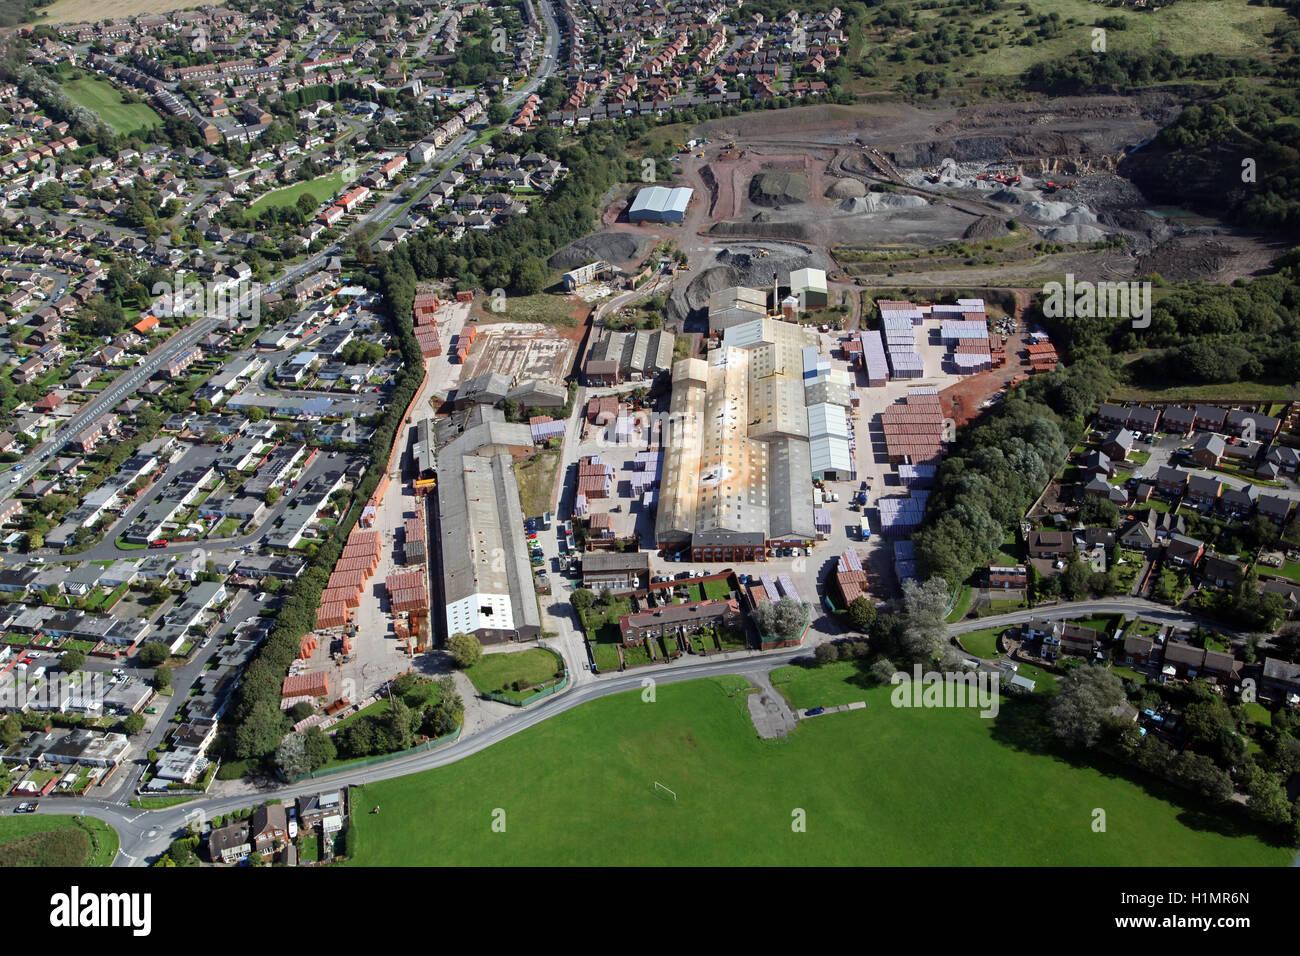 Vista aerea del Ibstock mattone Ravenhead fabbrica a Skelmersdale, Lancashire, Regno Unito Immagini Stock